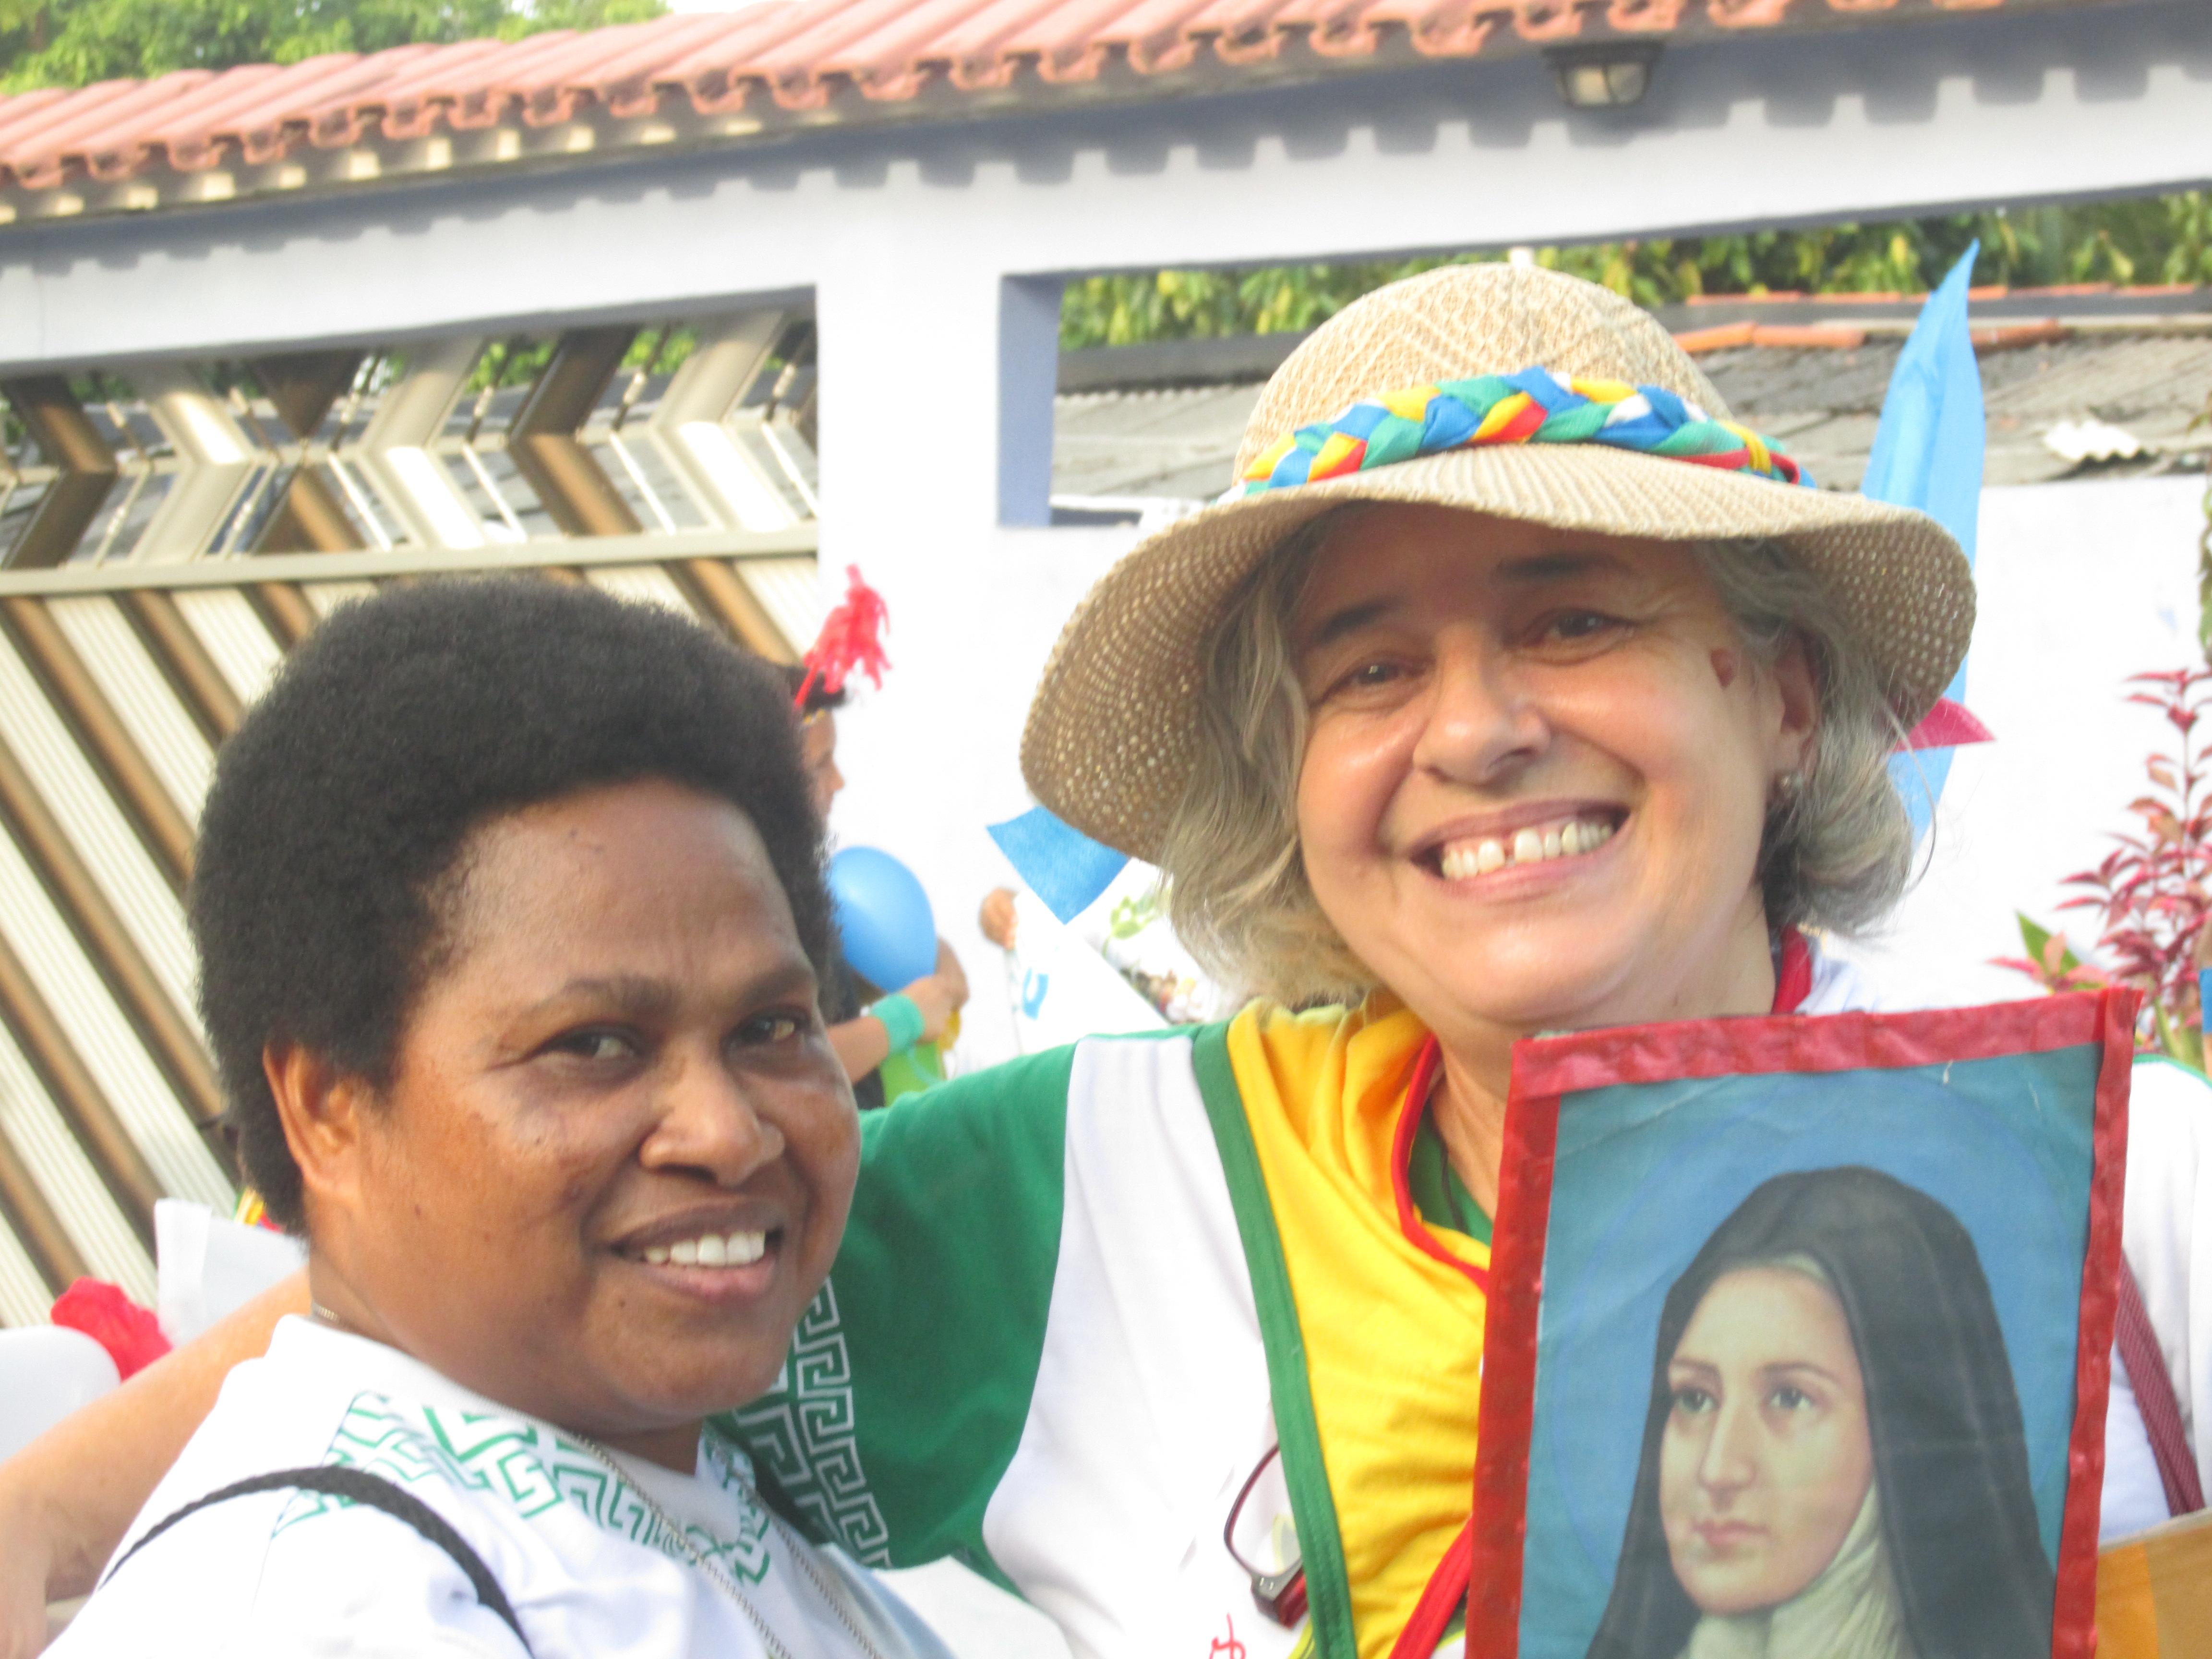 Esperienze missionarie: incontri, parole di consolazione, pace, amore e speranza